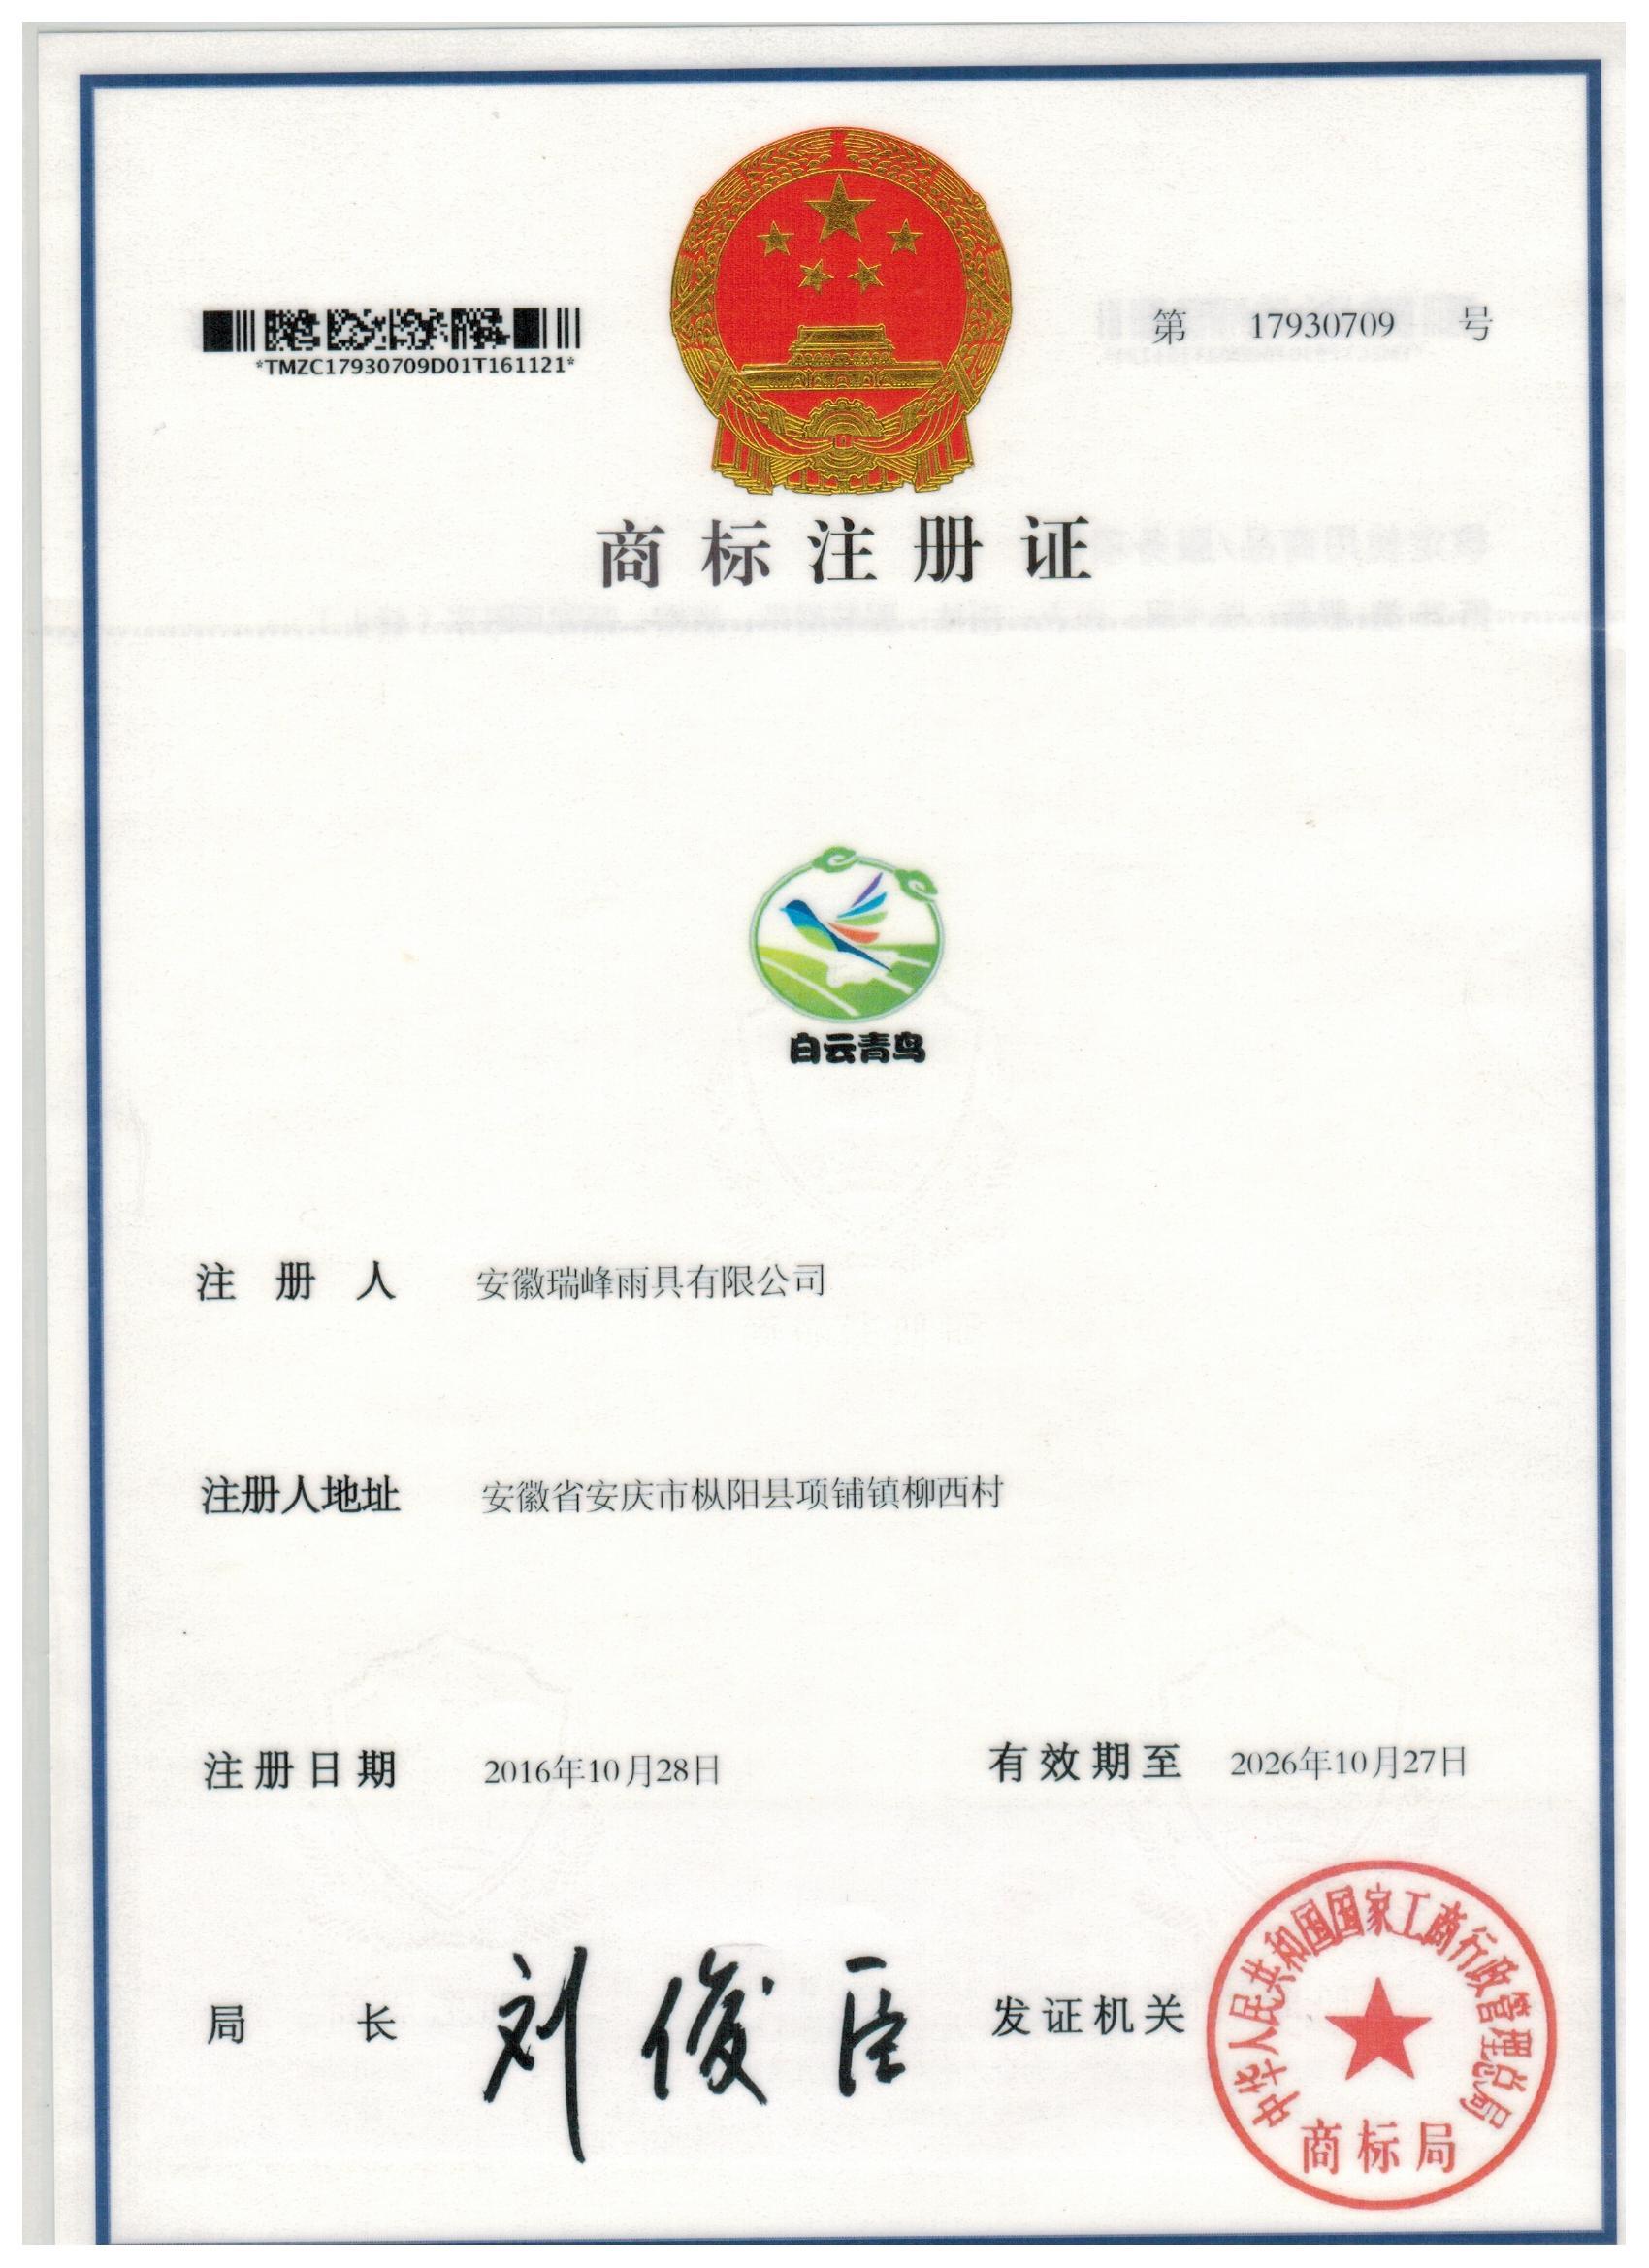 白云青鸟商标注册证